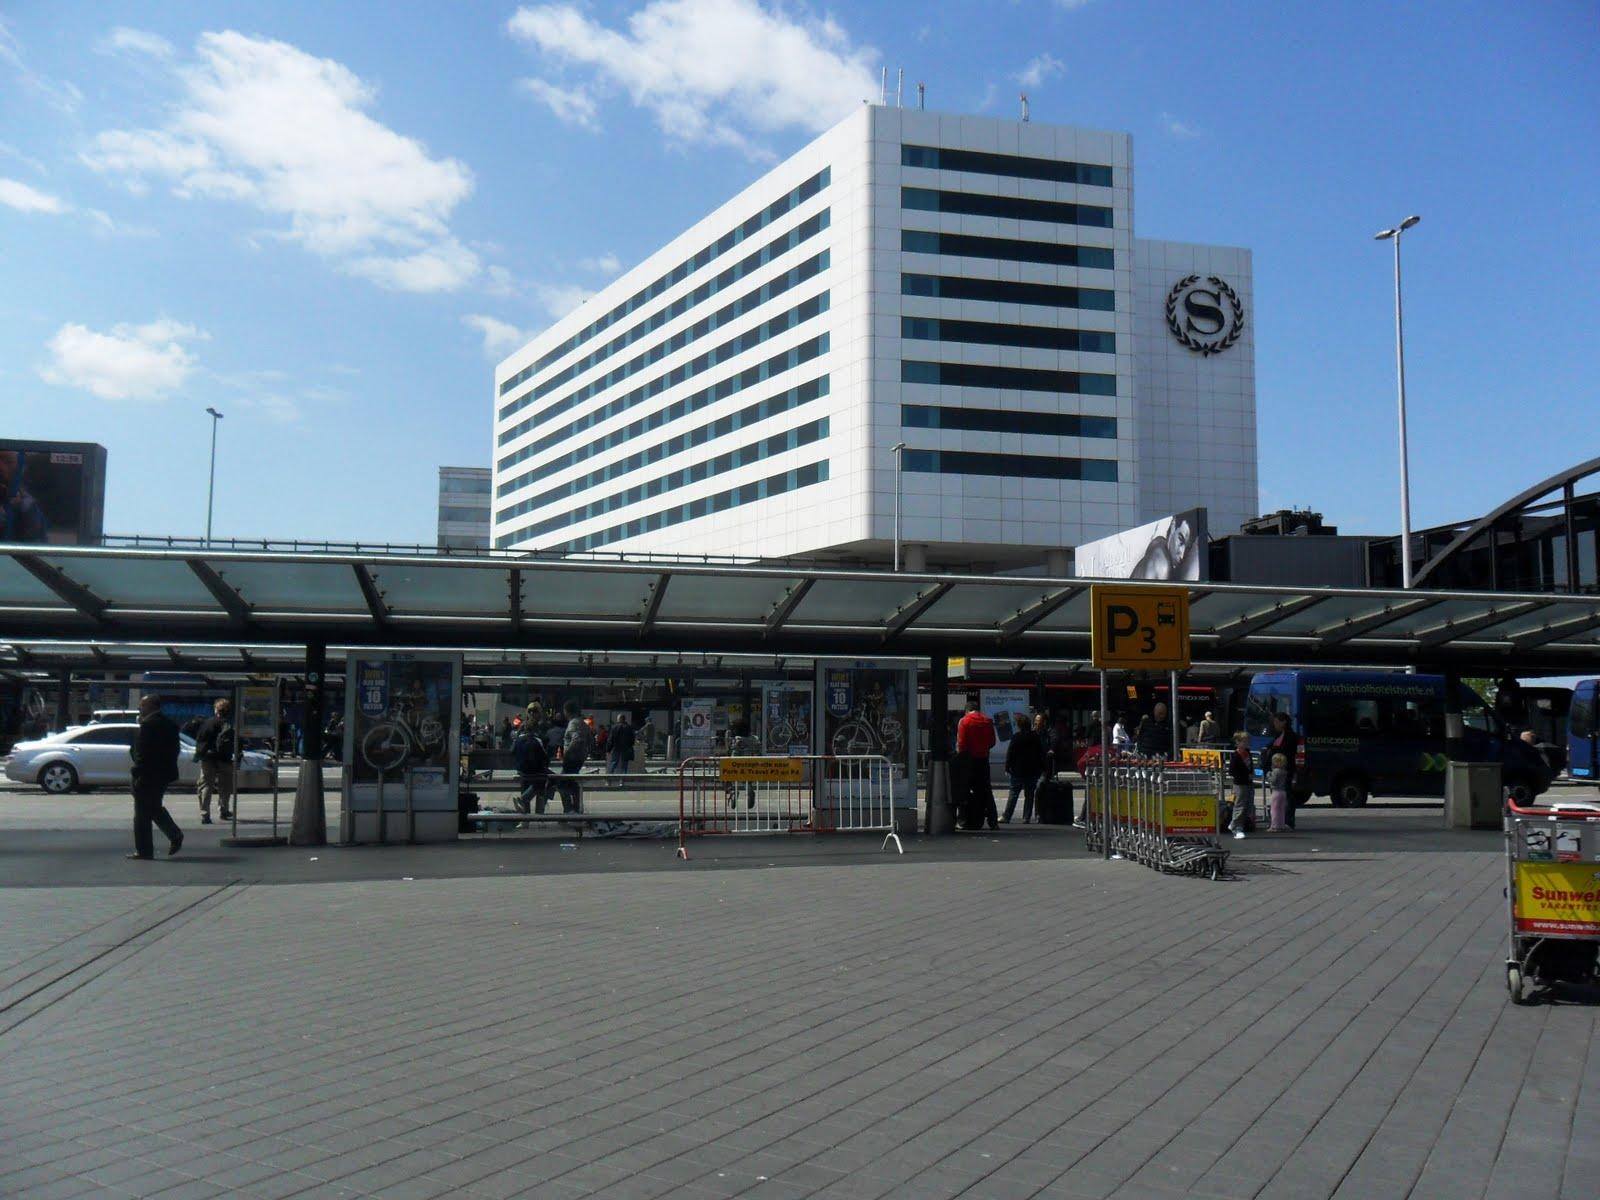 Aeroporto Amsterdam : Na mochila memória no coração do aeroporto para o